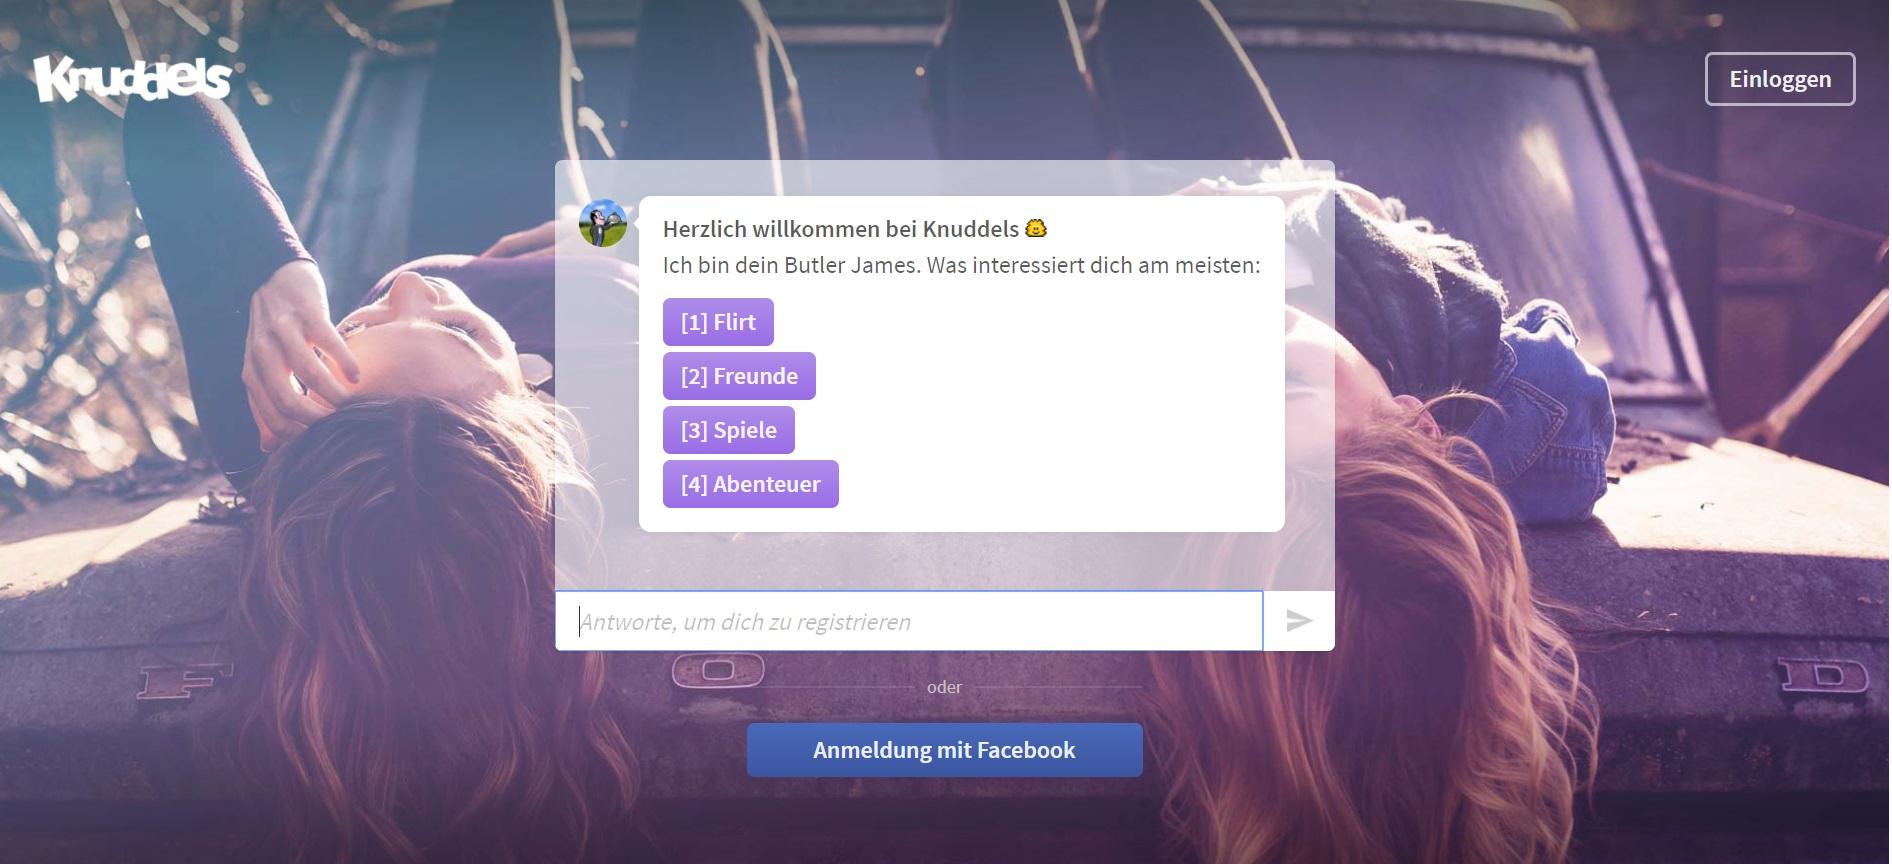 Knuddels online bot